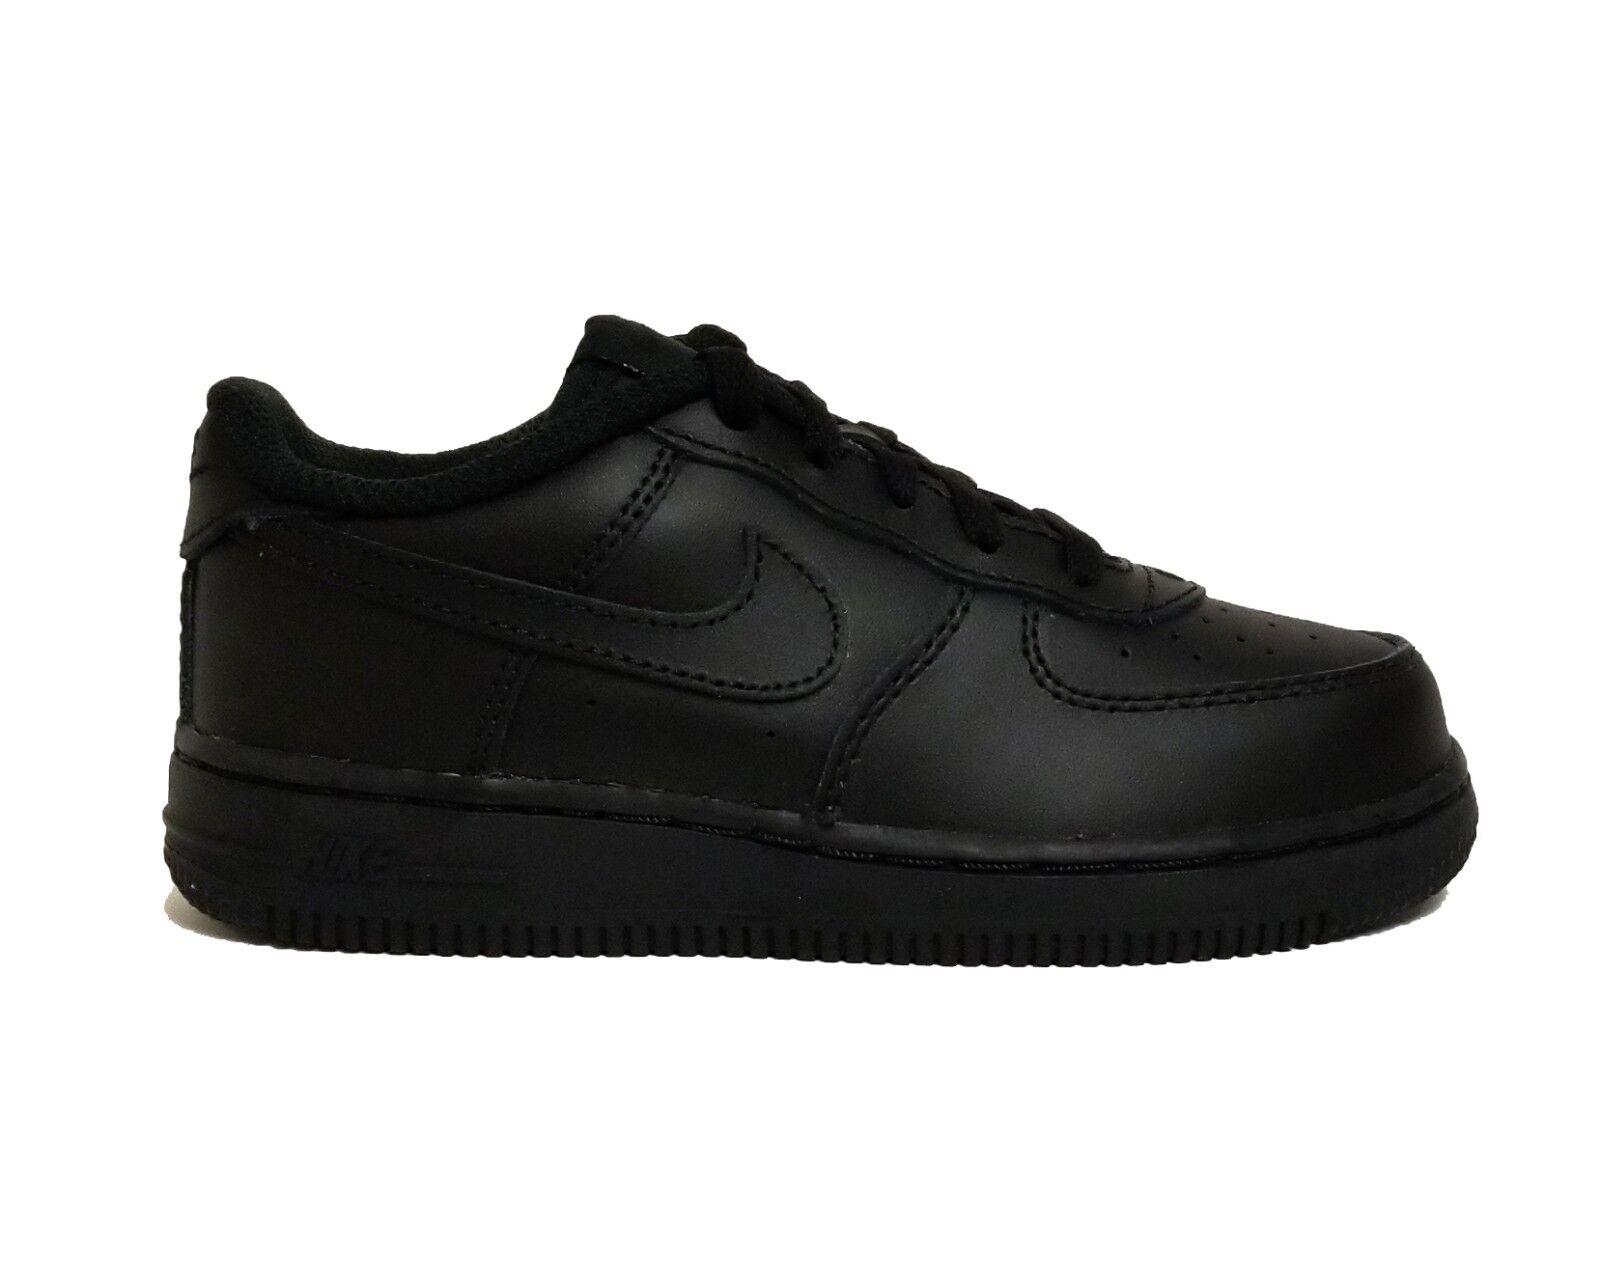 Kids Nike Air Force 1 Low TD Black 314194 009 US 7c